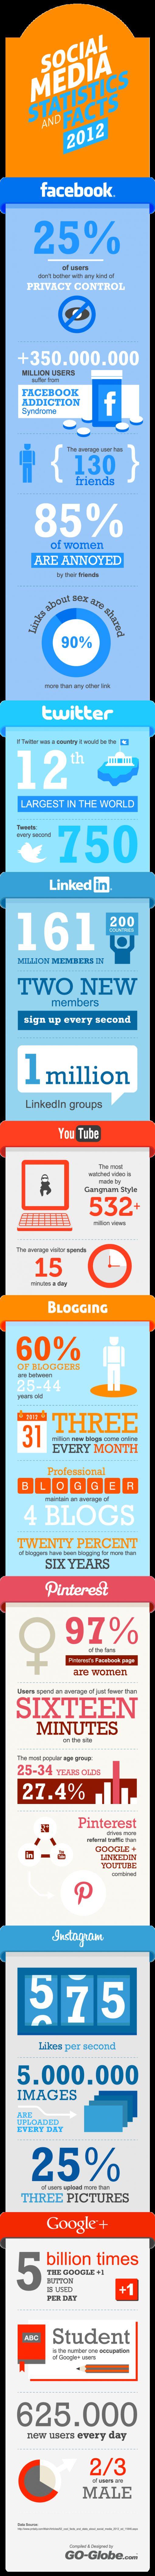 social-media-stats-2012